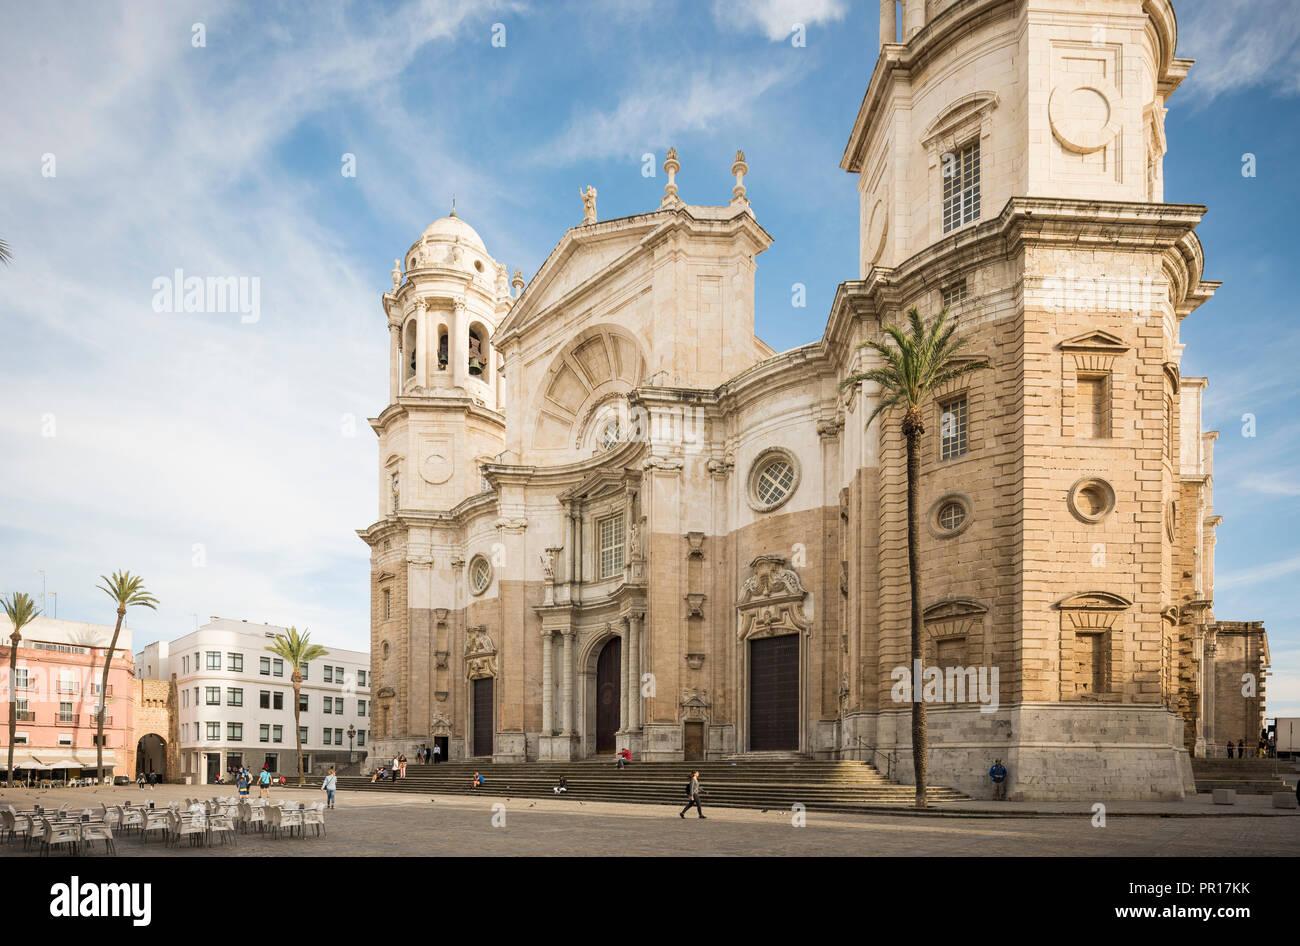 Extérieur de la Cathédrale, Cadix, Andalousie, Espagne, Europe Photo Stock